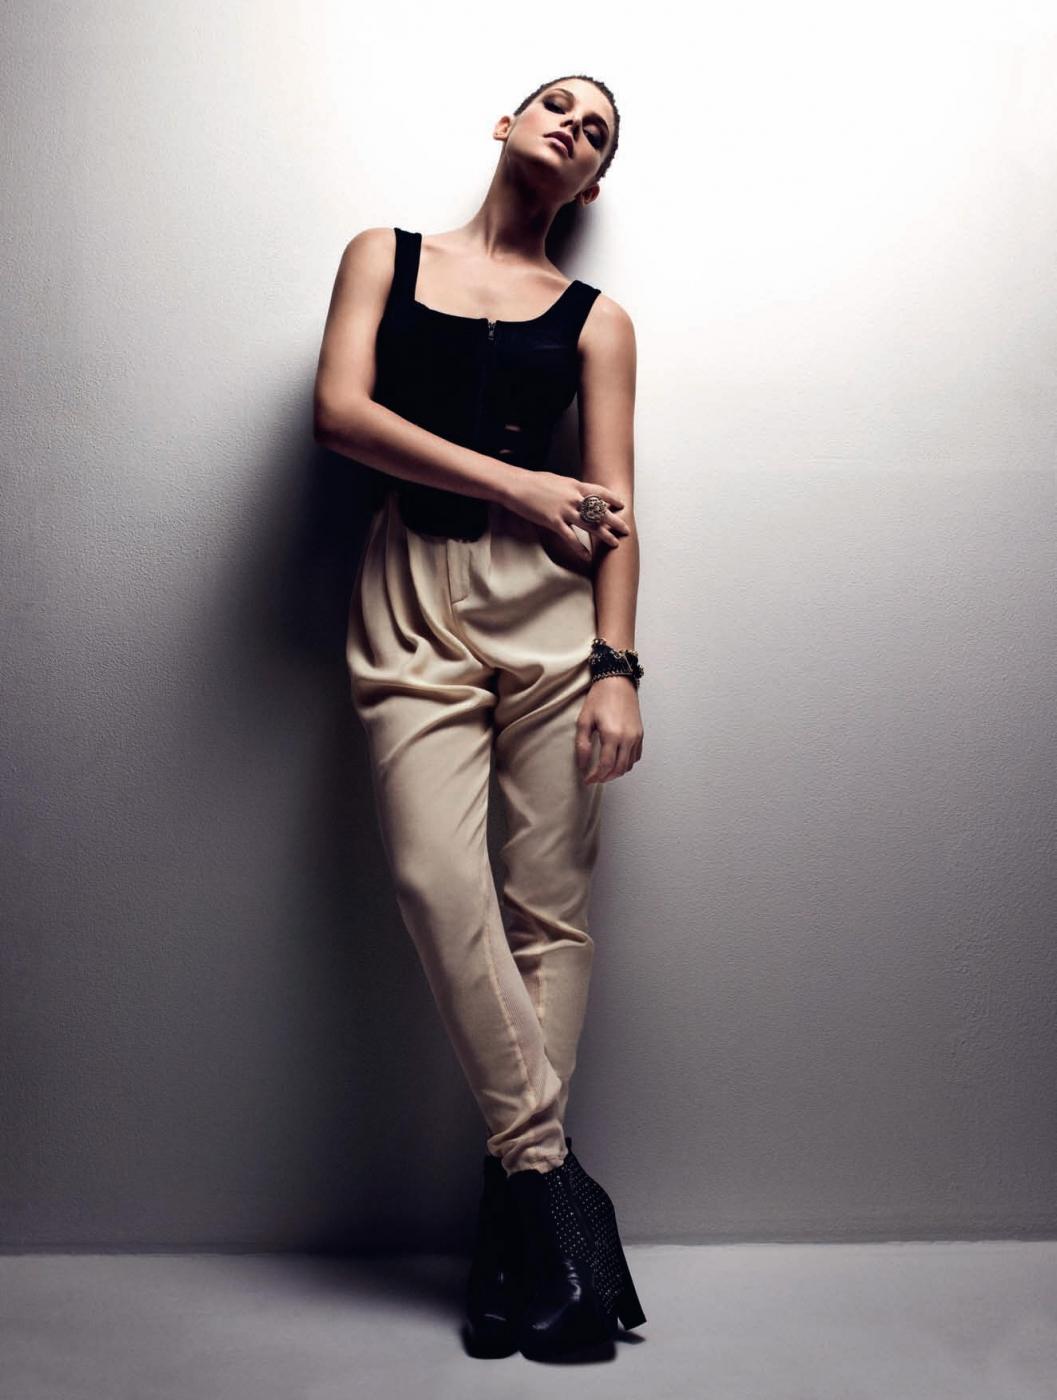 Ashley Greene/ეშლი გრინი 3a532c681e7093fd3cc8fa52c5a8f682